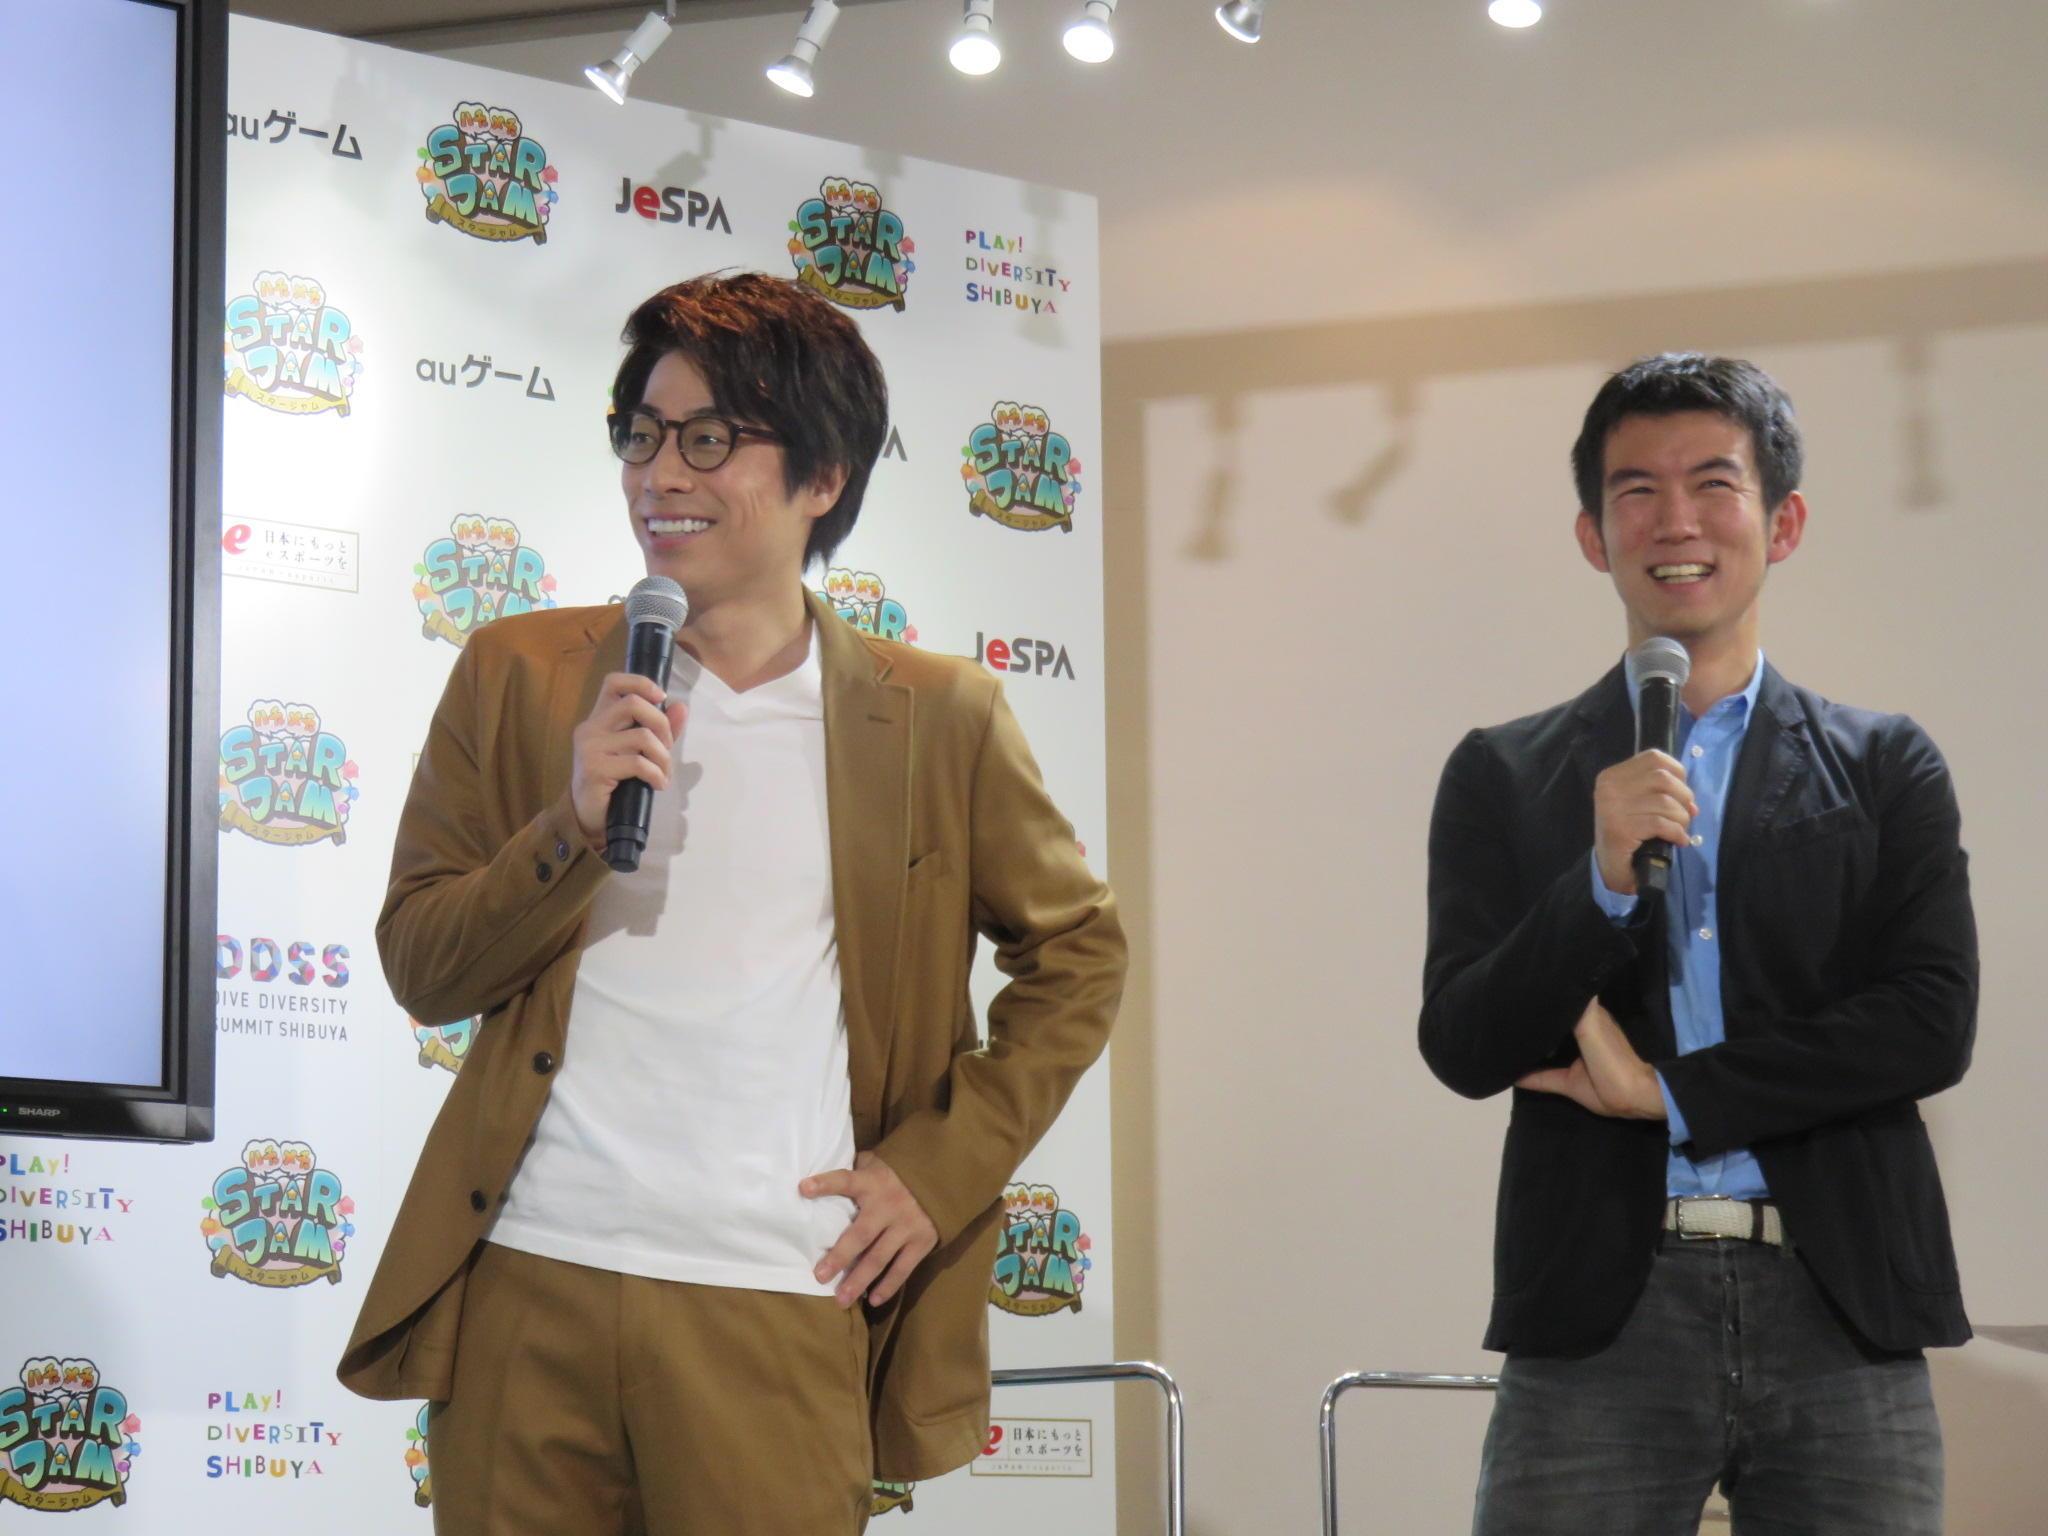 http://news.yoshimoto.co.jp/20171112005324-62dc6103dacbd00e6baf810fe7f3b198cdcc5294.jpg